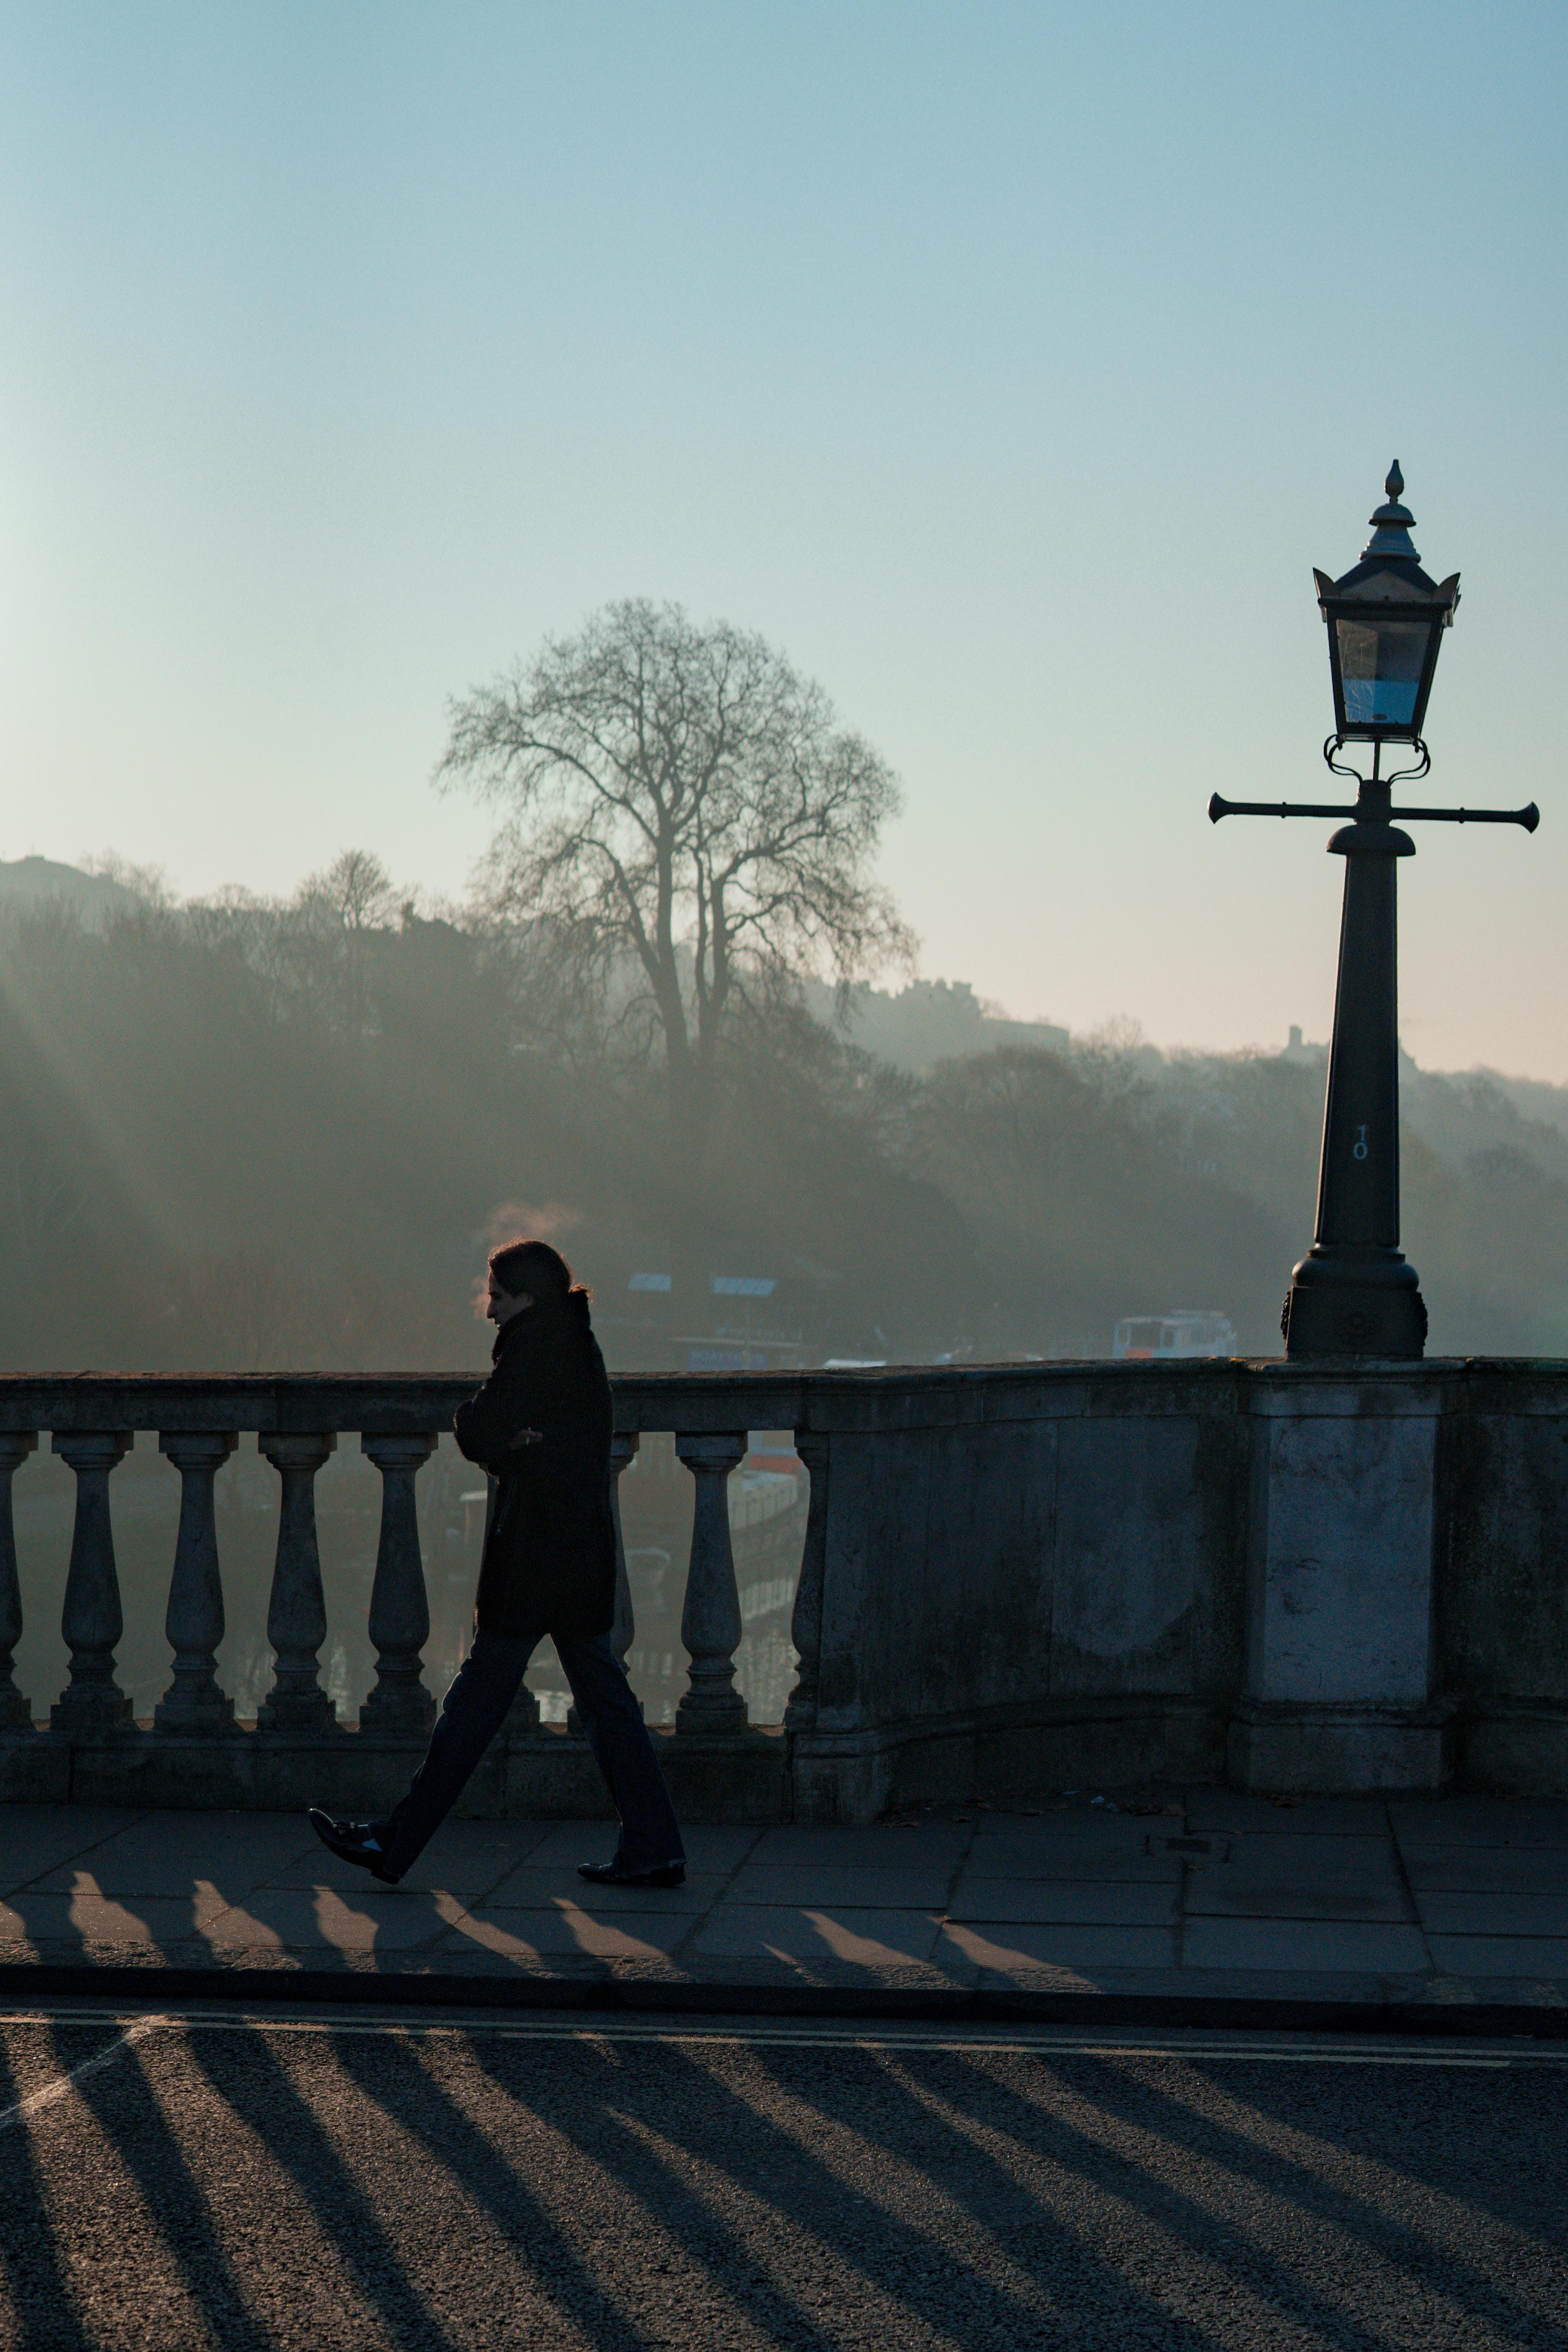 woman walking beside fence